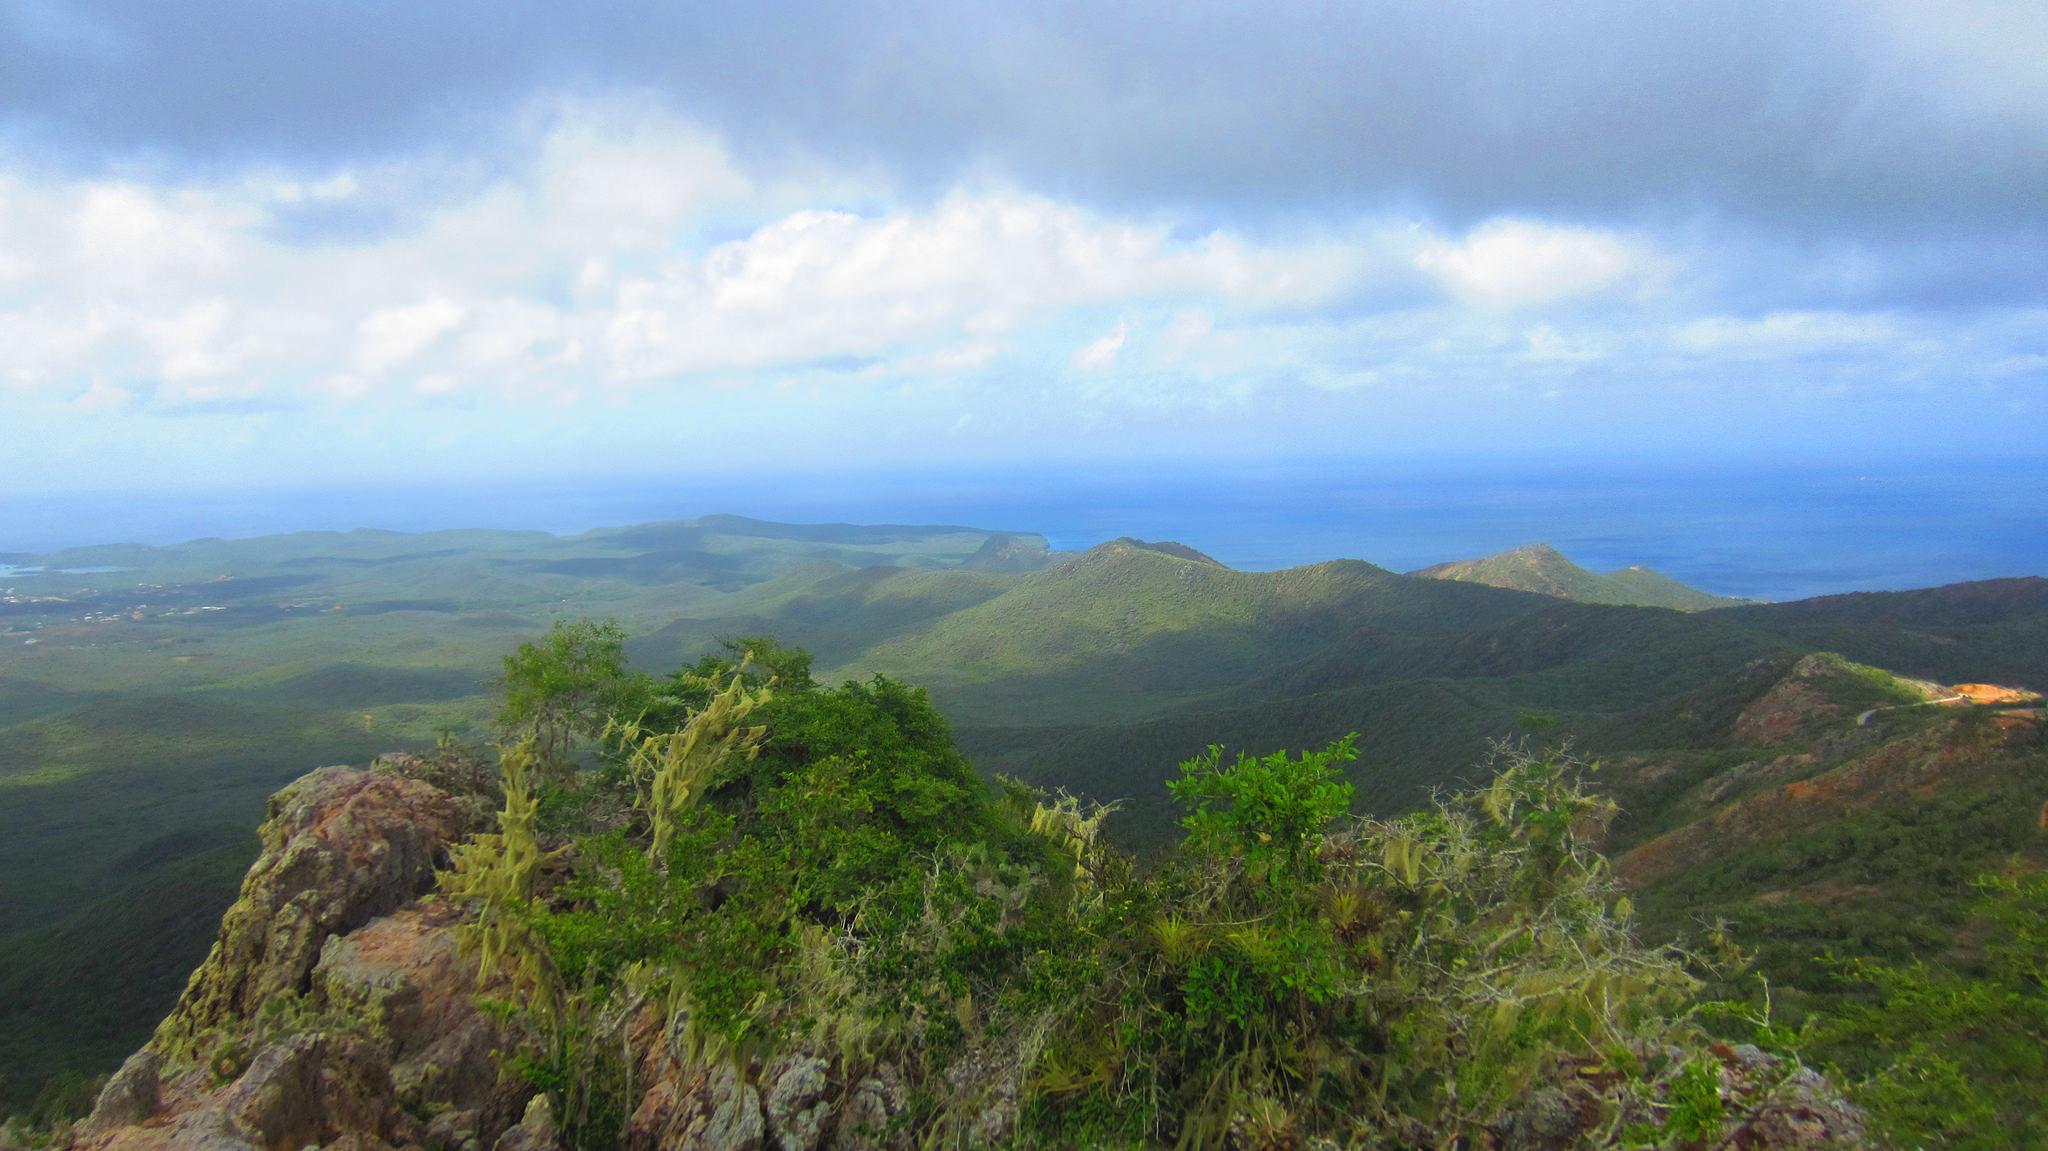 Nejvyšší hora, Nelo Hotsuma